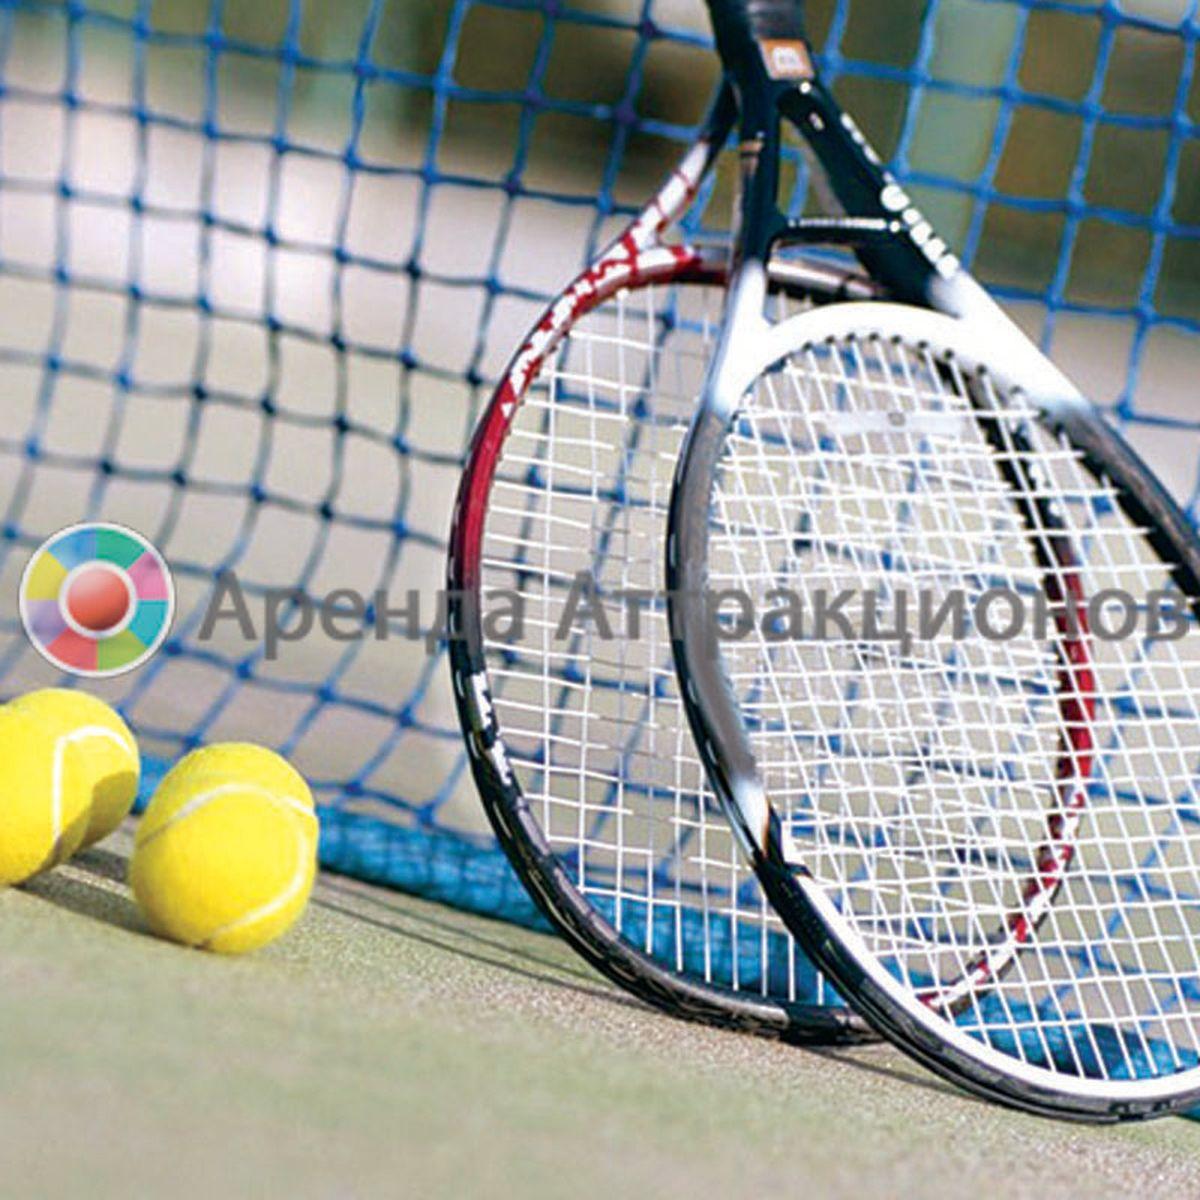 Ракетки для большого тенниса с мячами на поле для игры.